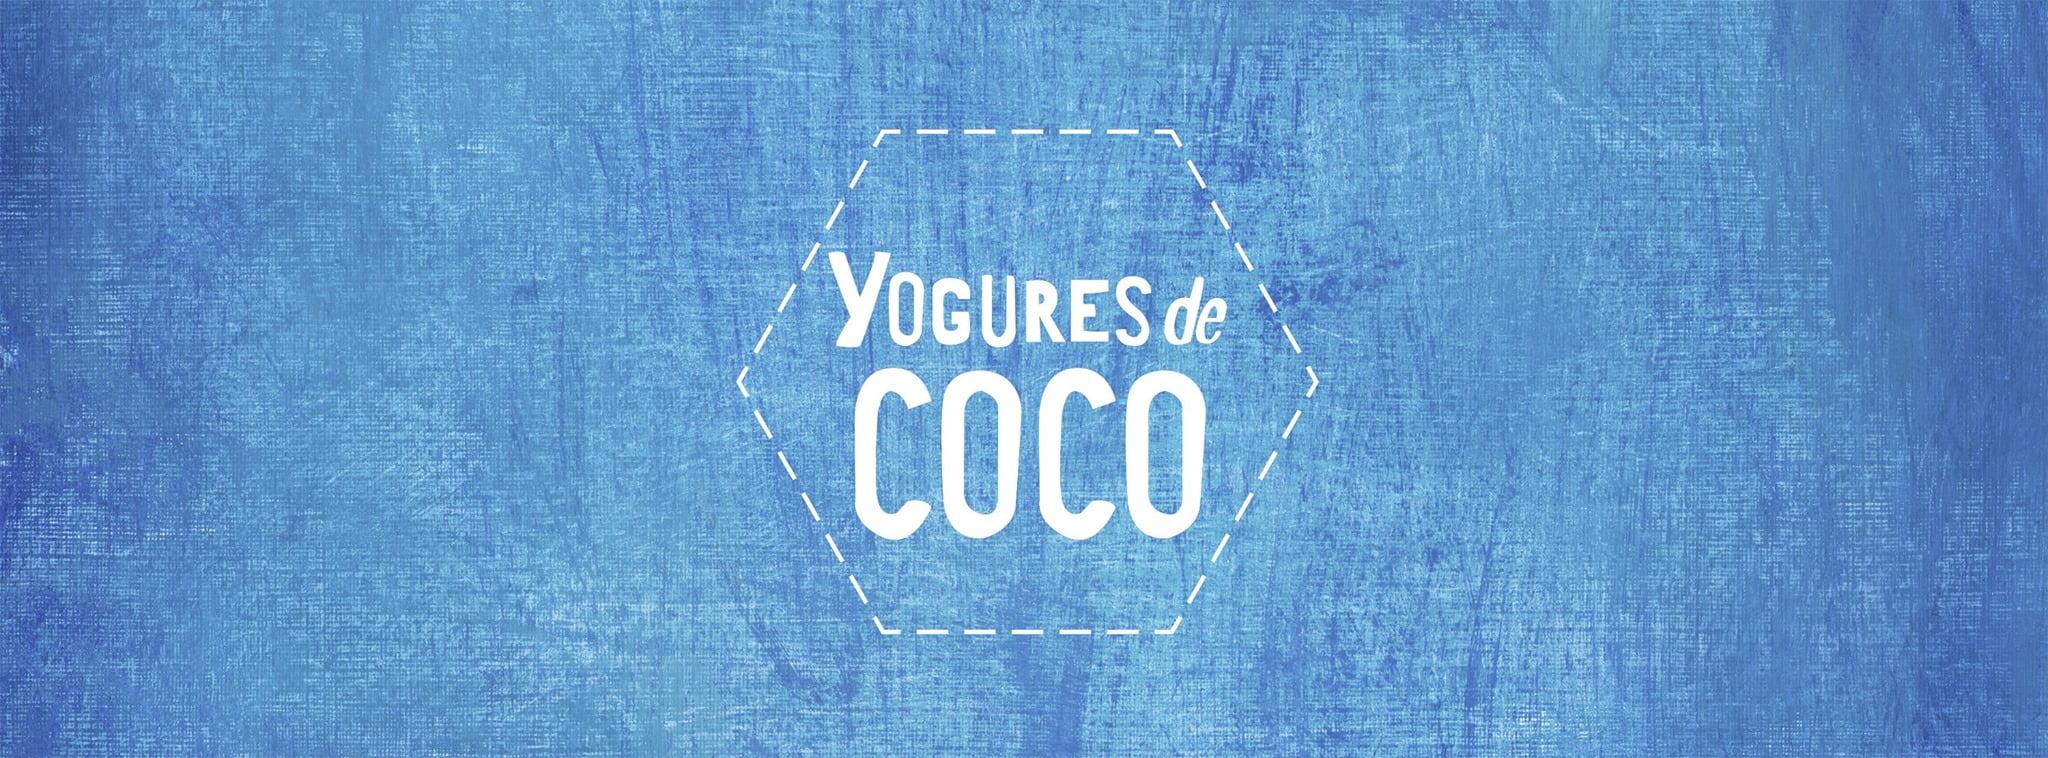 Yogures de Coco visita Vigo